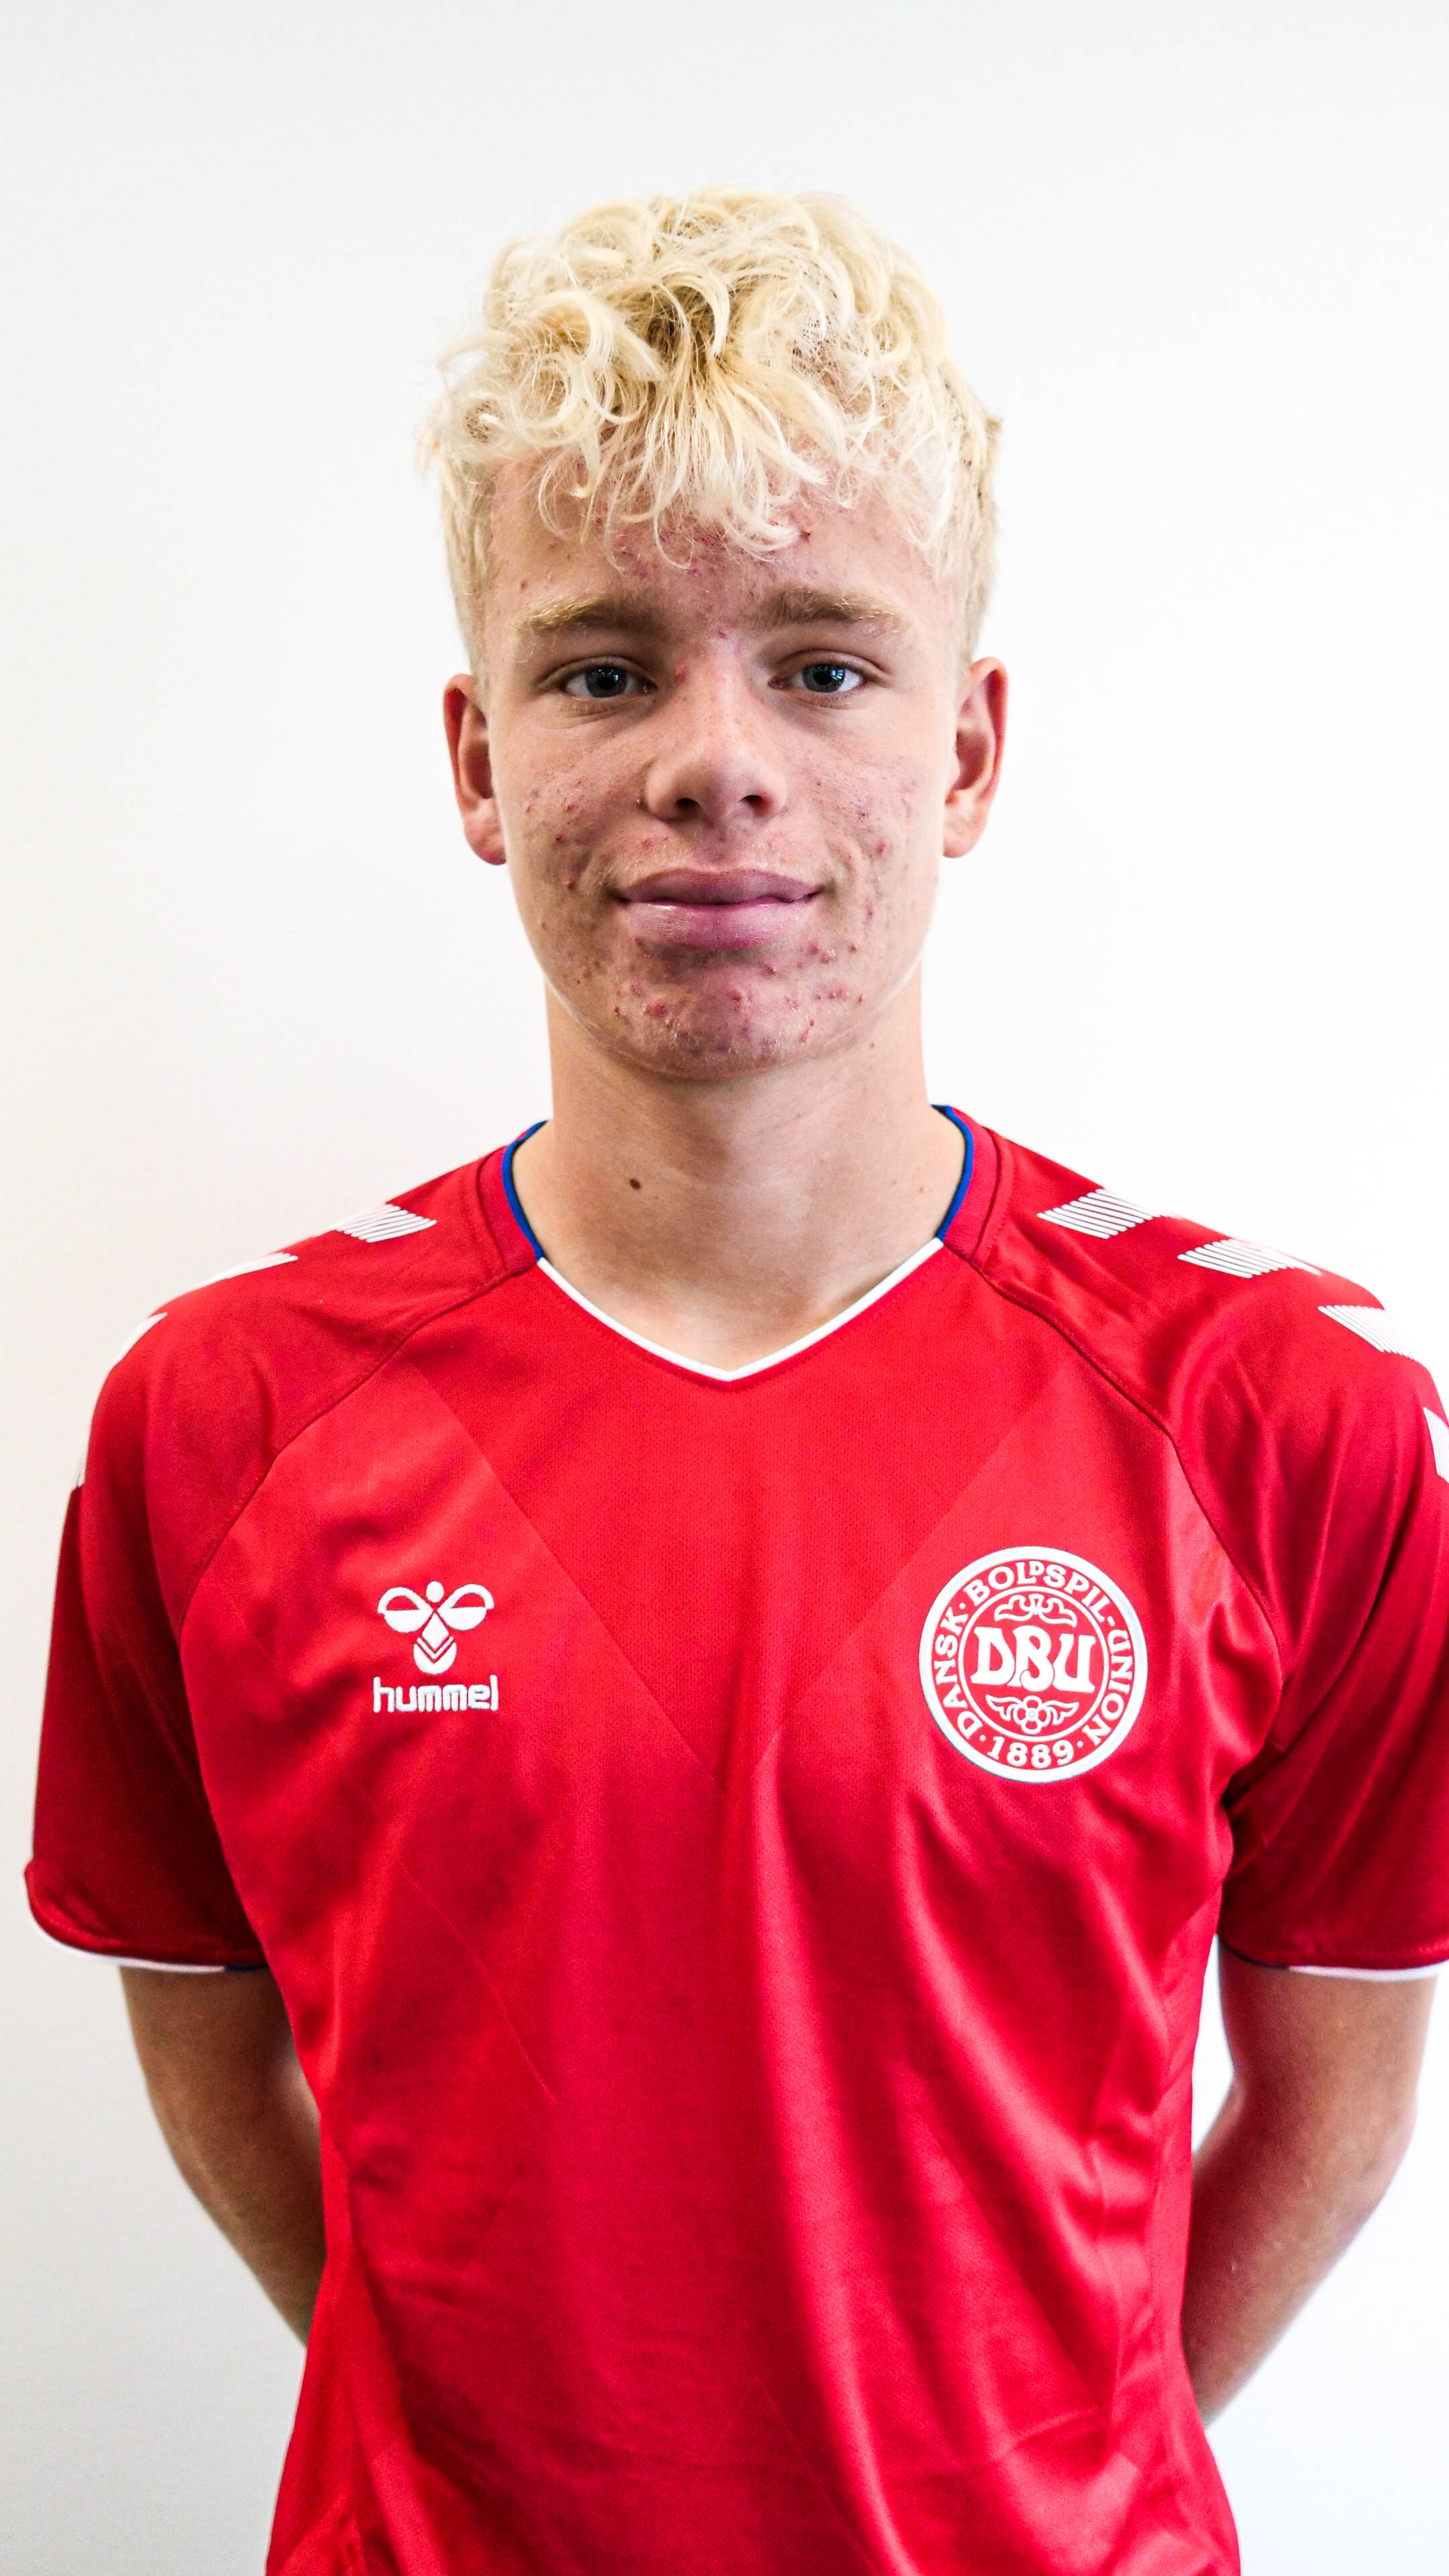 Oliver Provstgaard Nielsen